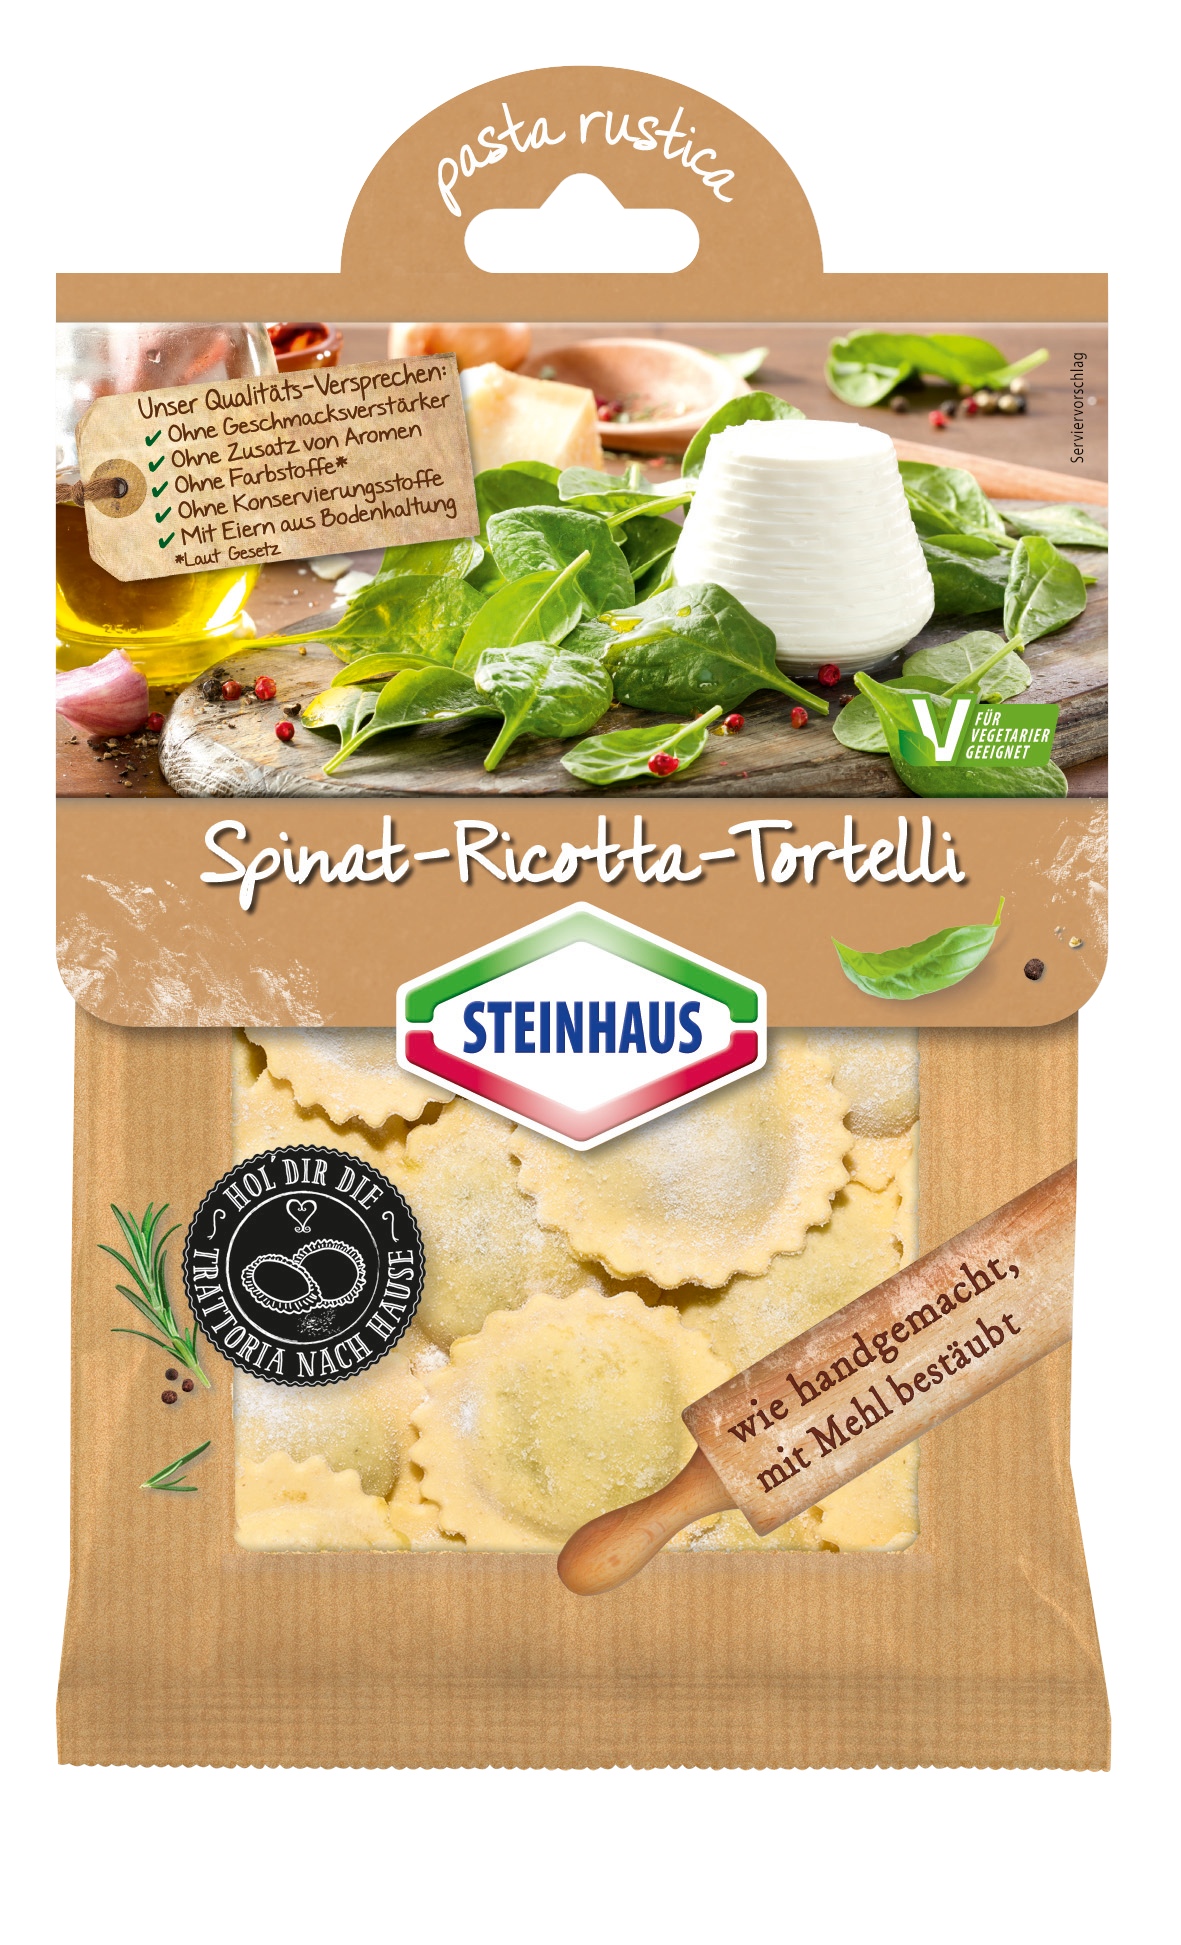 Spinat-Ricotta-Tortelli